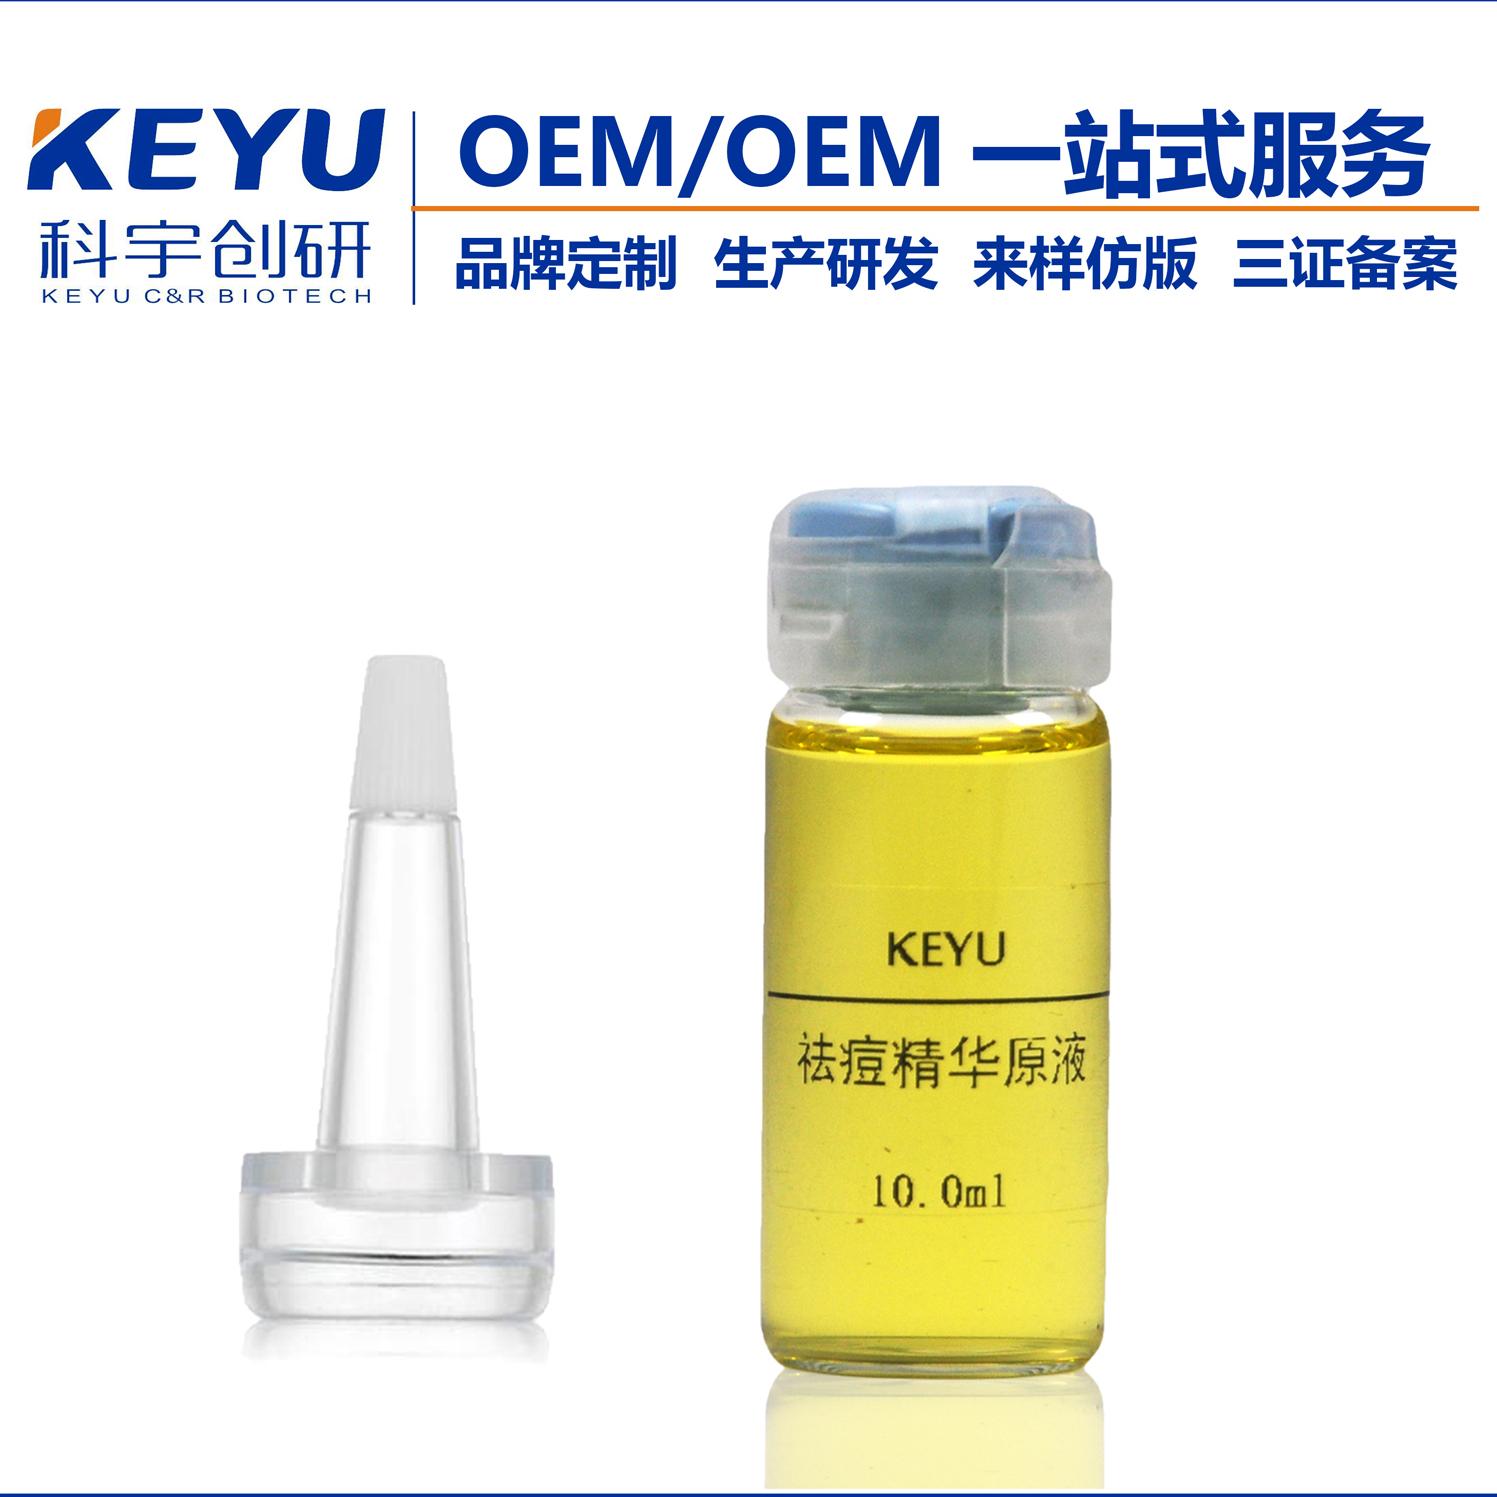 护肤品OEM祛痘精华原液生产厂家ODM代加工